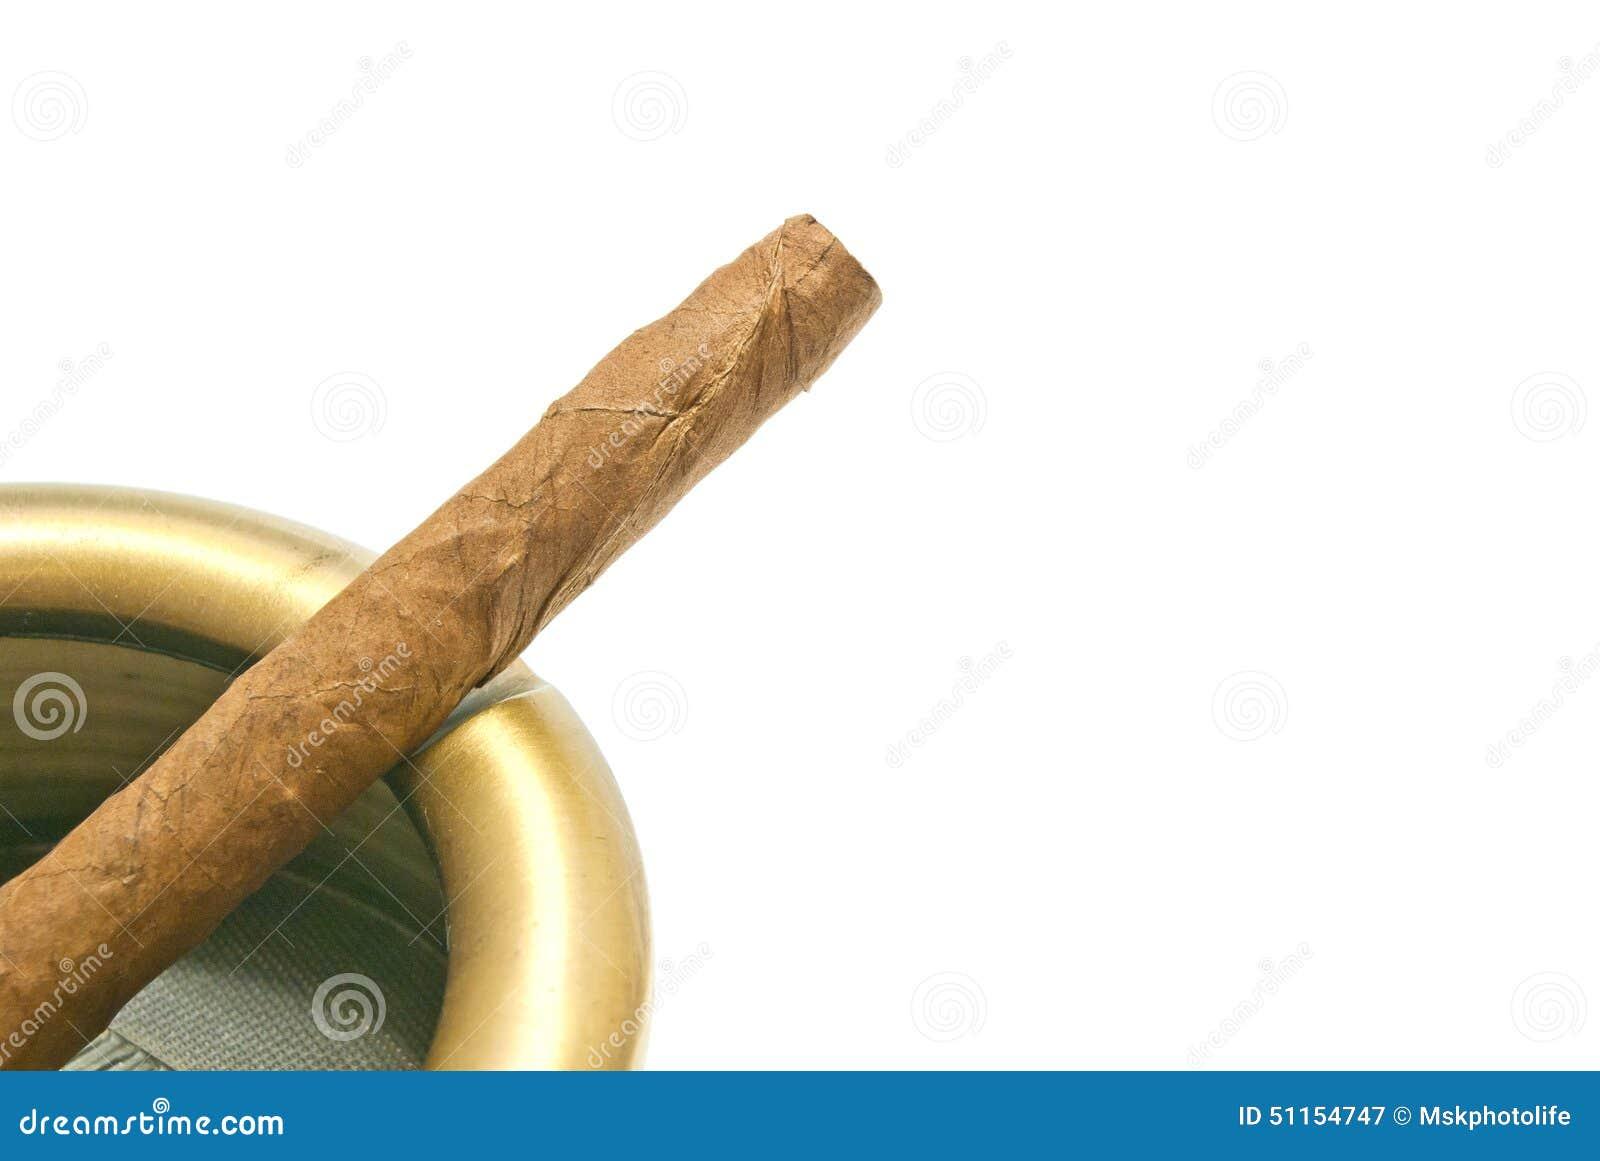 Cigarillo dans le cendrier en métal